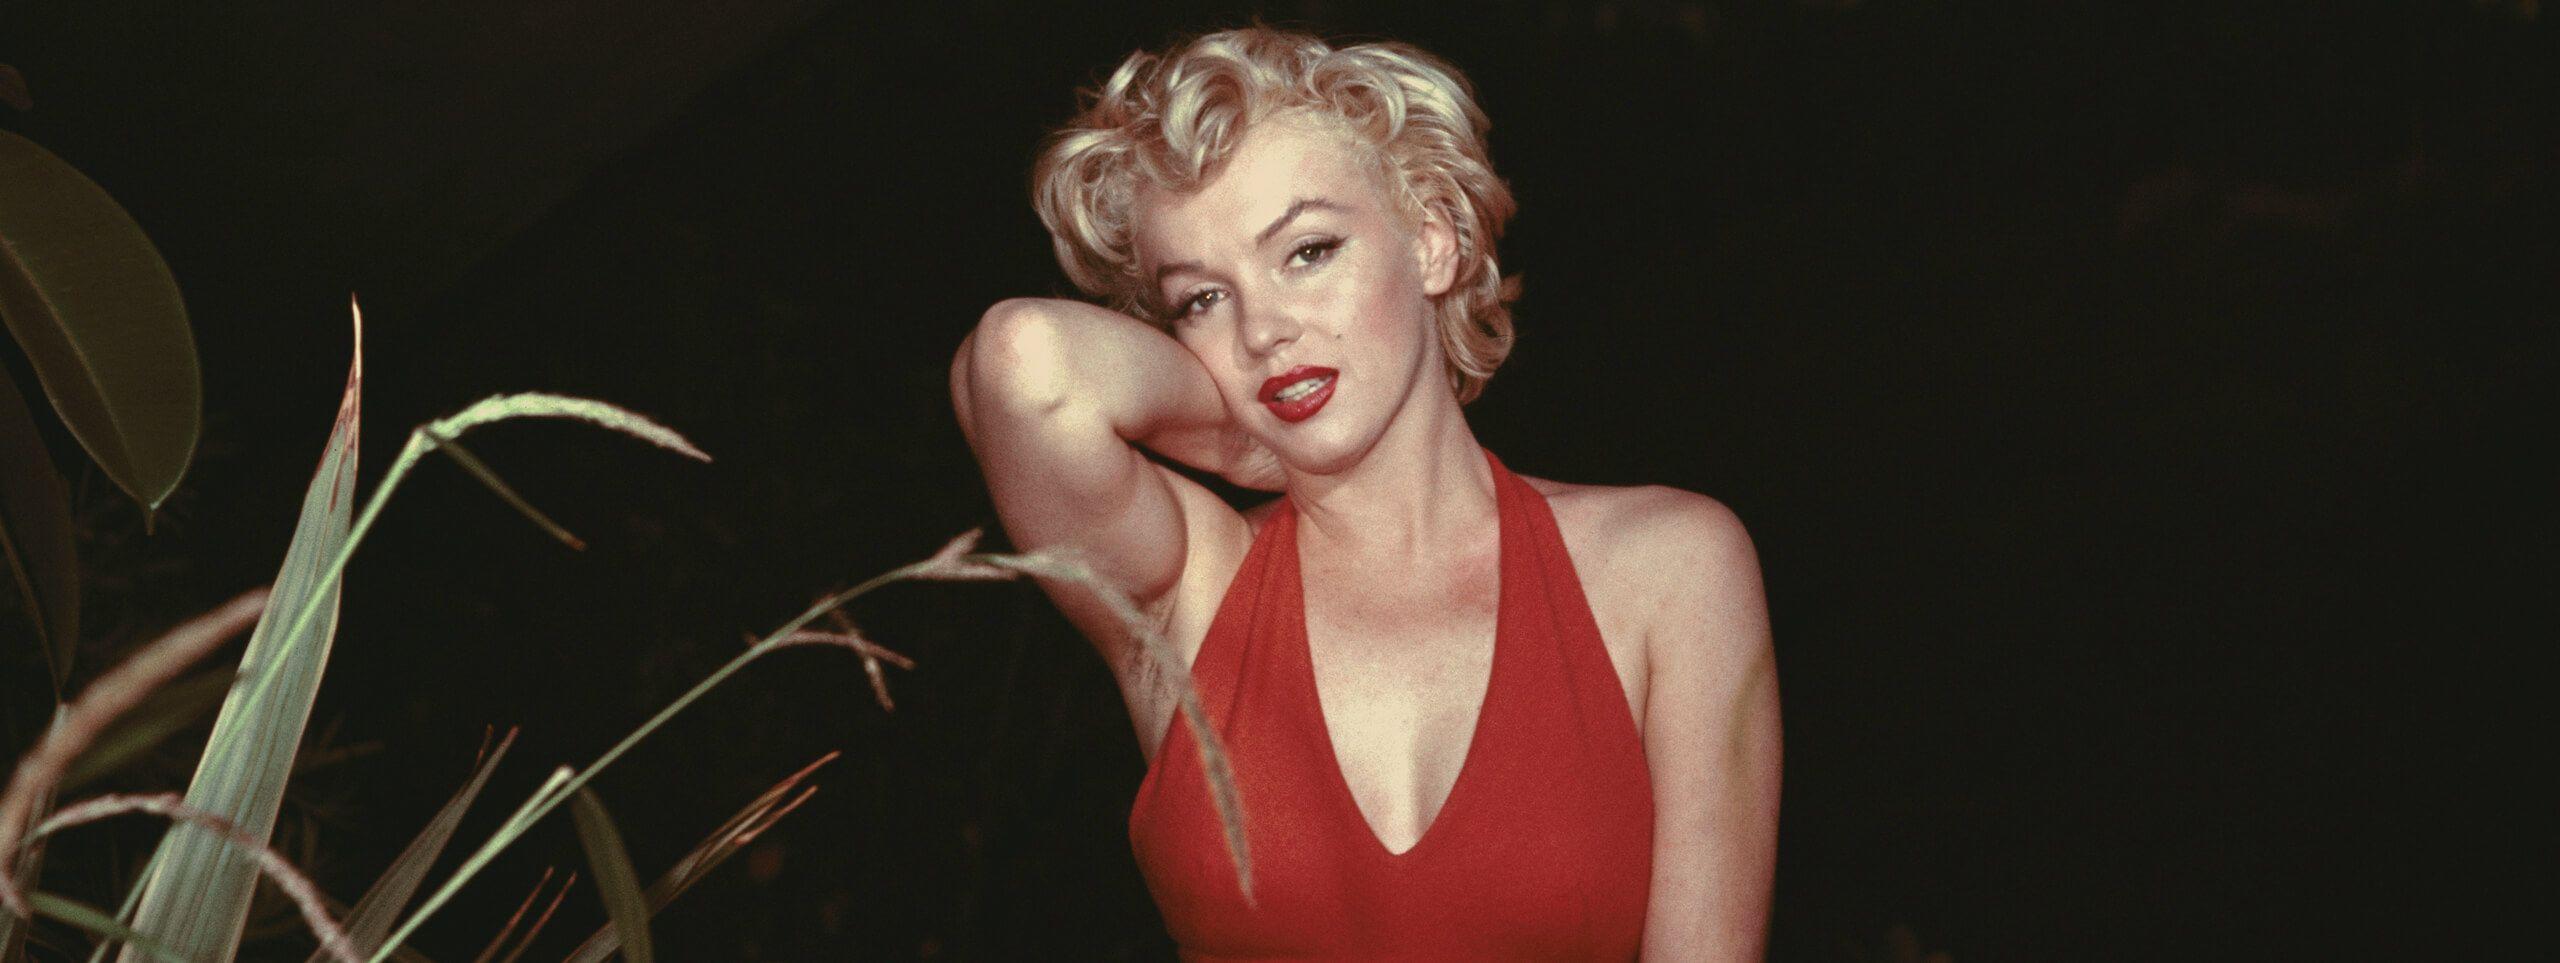 Marilyn Monroe uczesana w stylu lat 50-tych